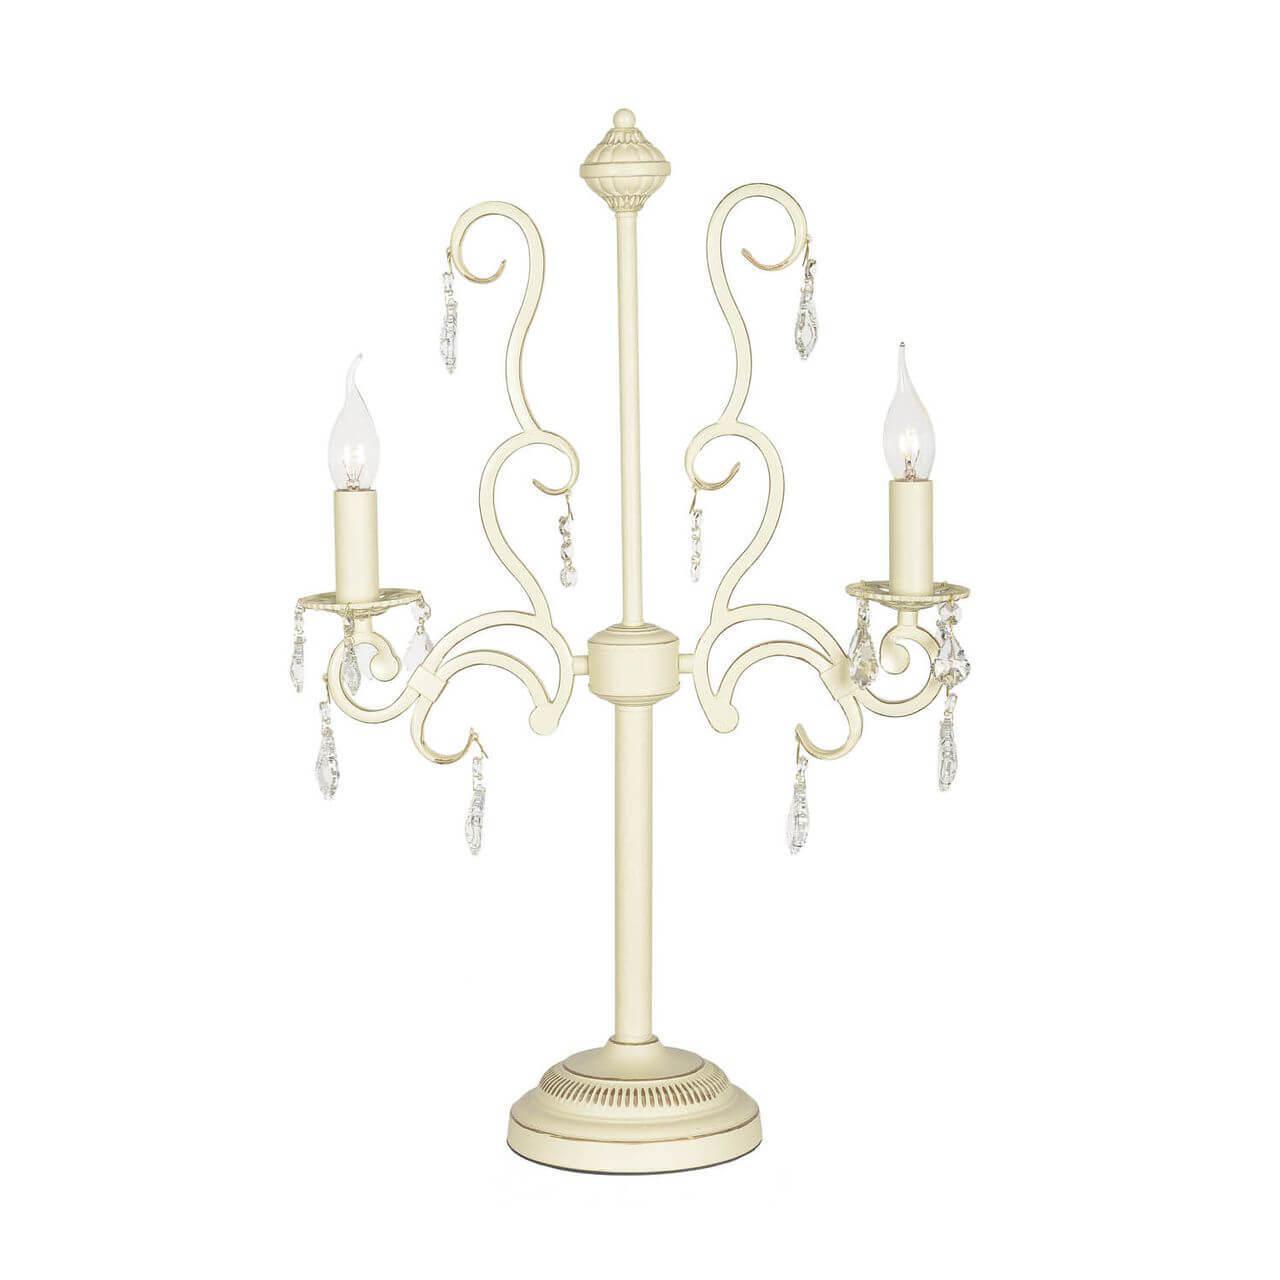 Настольная лампа Arti Lampadari Gioia E 4.2.602 CG Gioia настольная лампа arti lampadari gioia e 4 3 602 cg